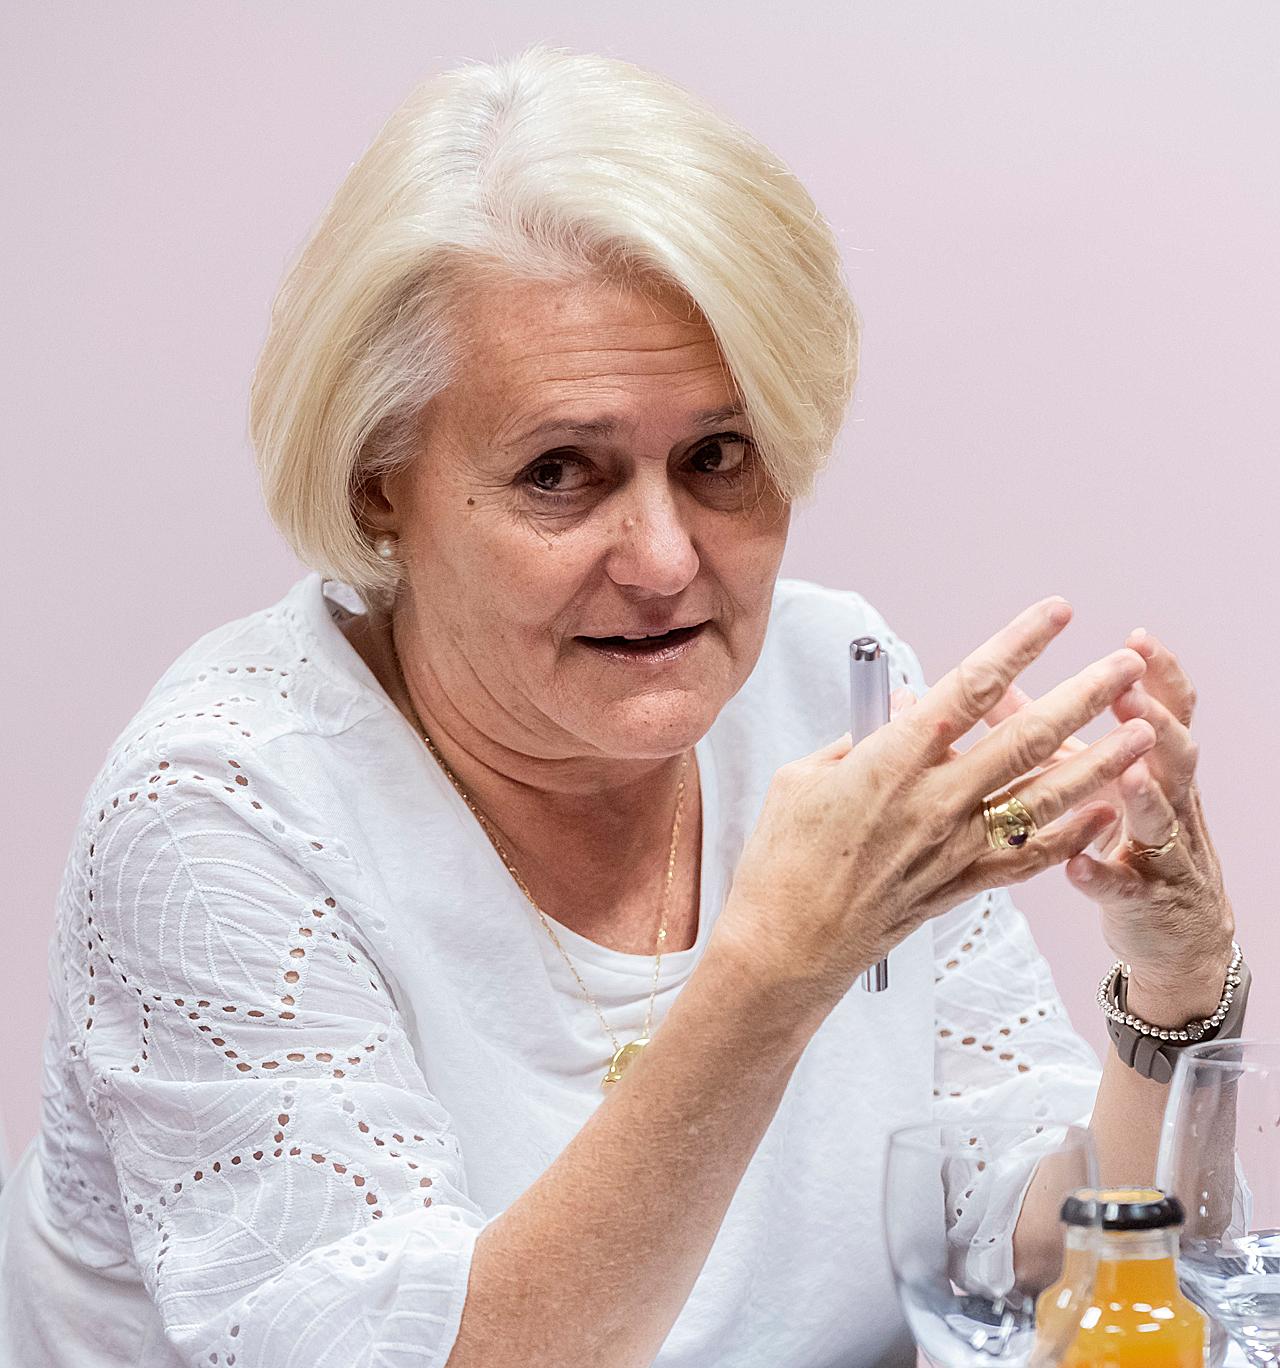 Julia Álvarez, jefe de la Sección de Endocrinología y Nutrición Clínica del Hospital Universitario Príncipe de Asturias, de Alcalá de Henares (Madrid).